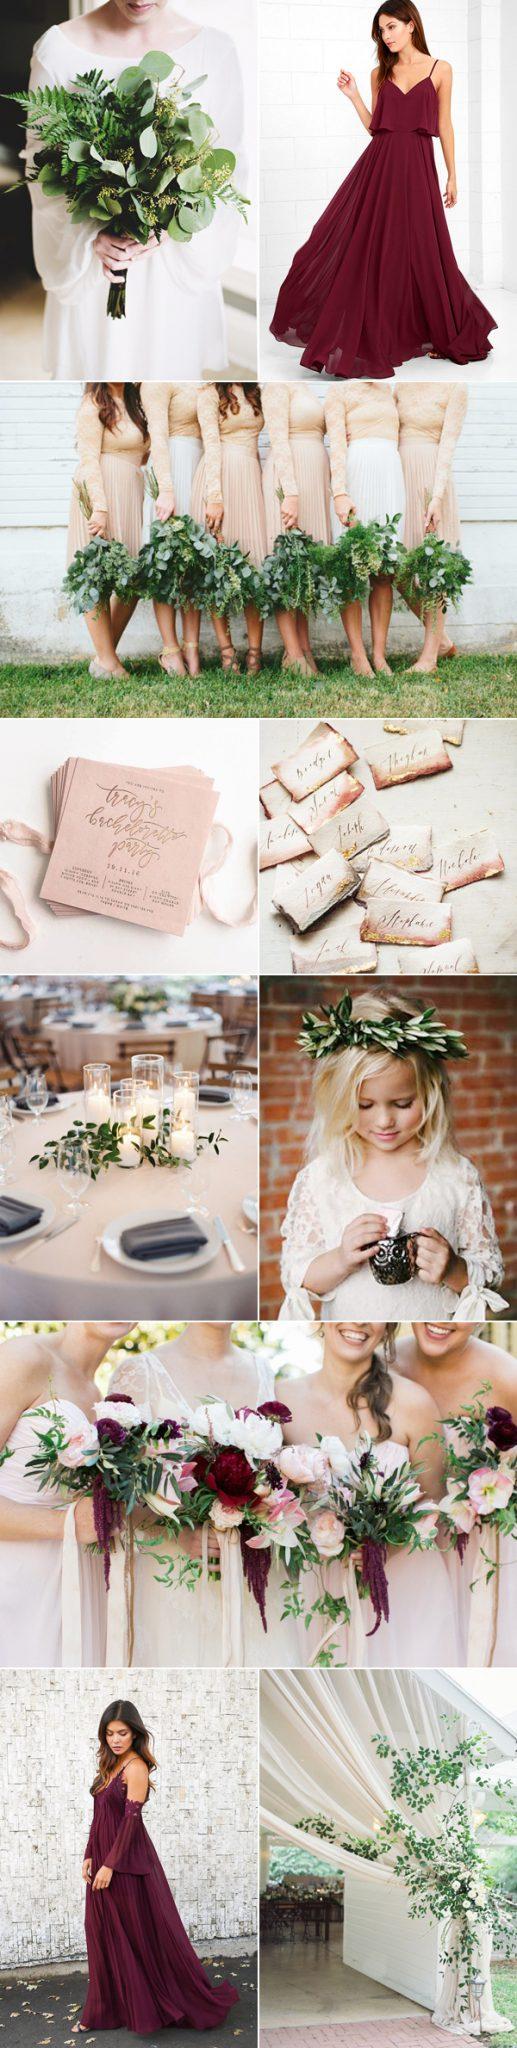 Fall Brunch Wedding Ideas | Encore wedding ideas from @cydconverse